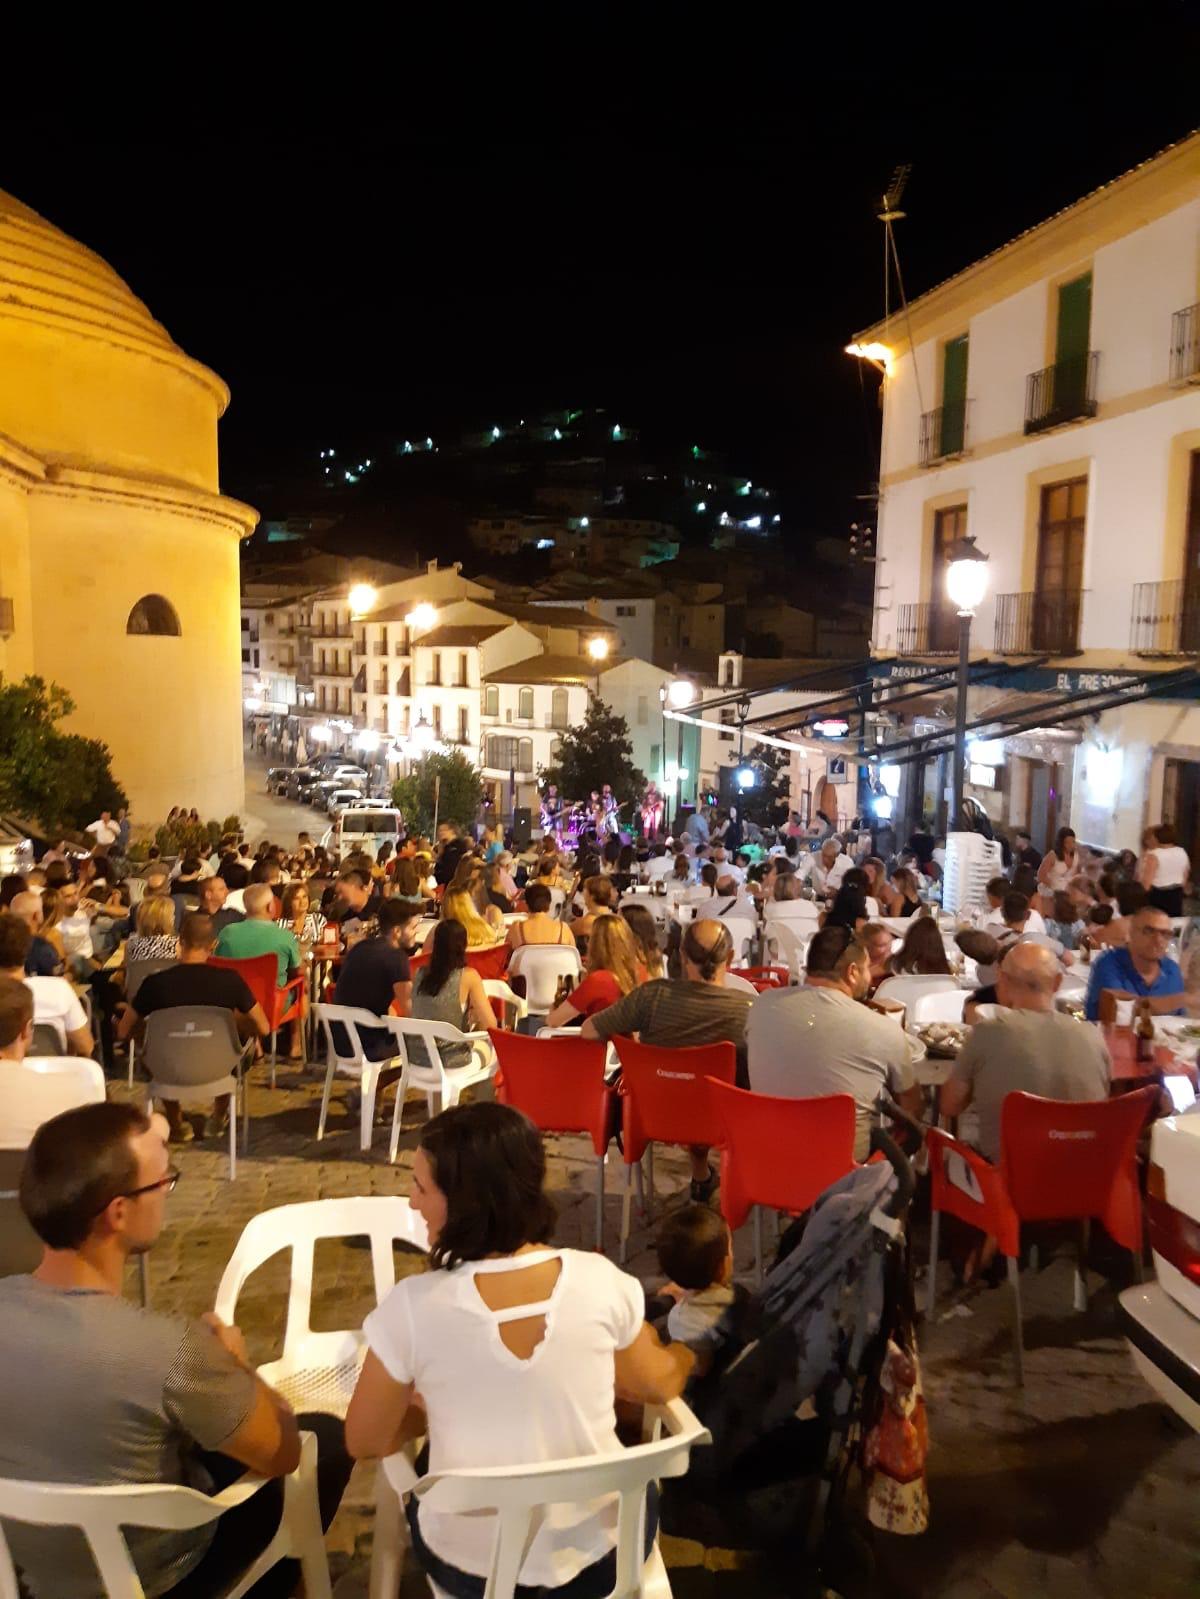 Montefrío apuesta por la cultura segura con conciertos gratuitos nocturnos 'enmitatika' de sus calles y plazas